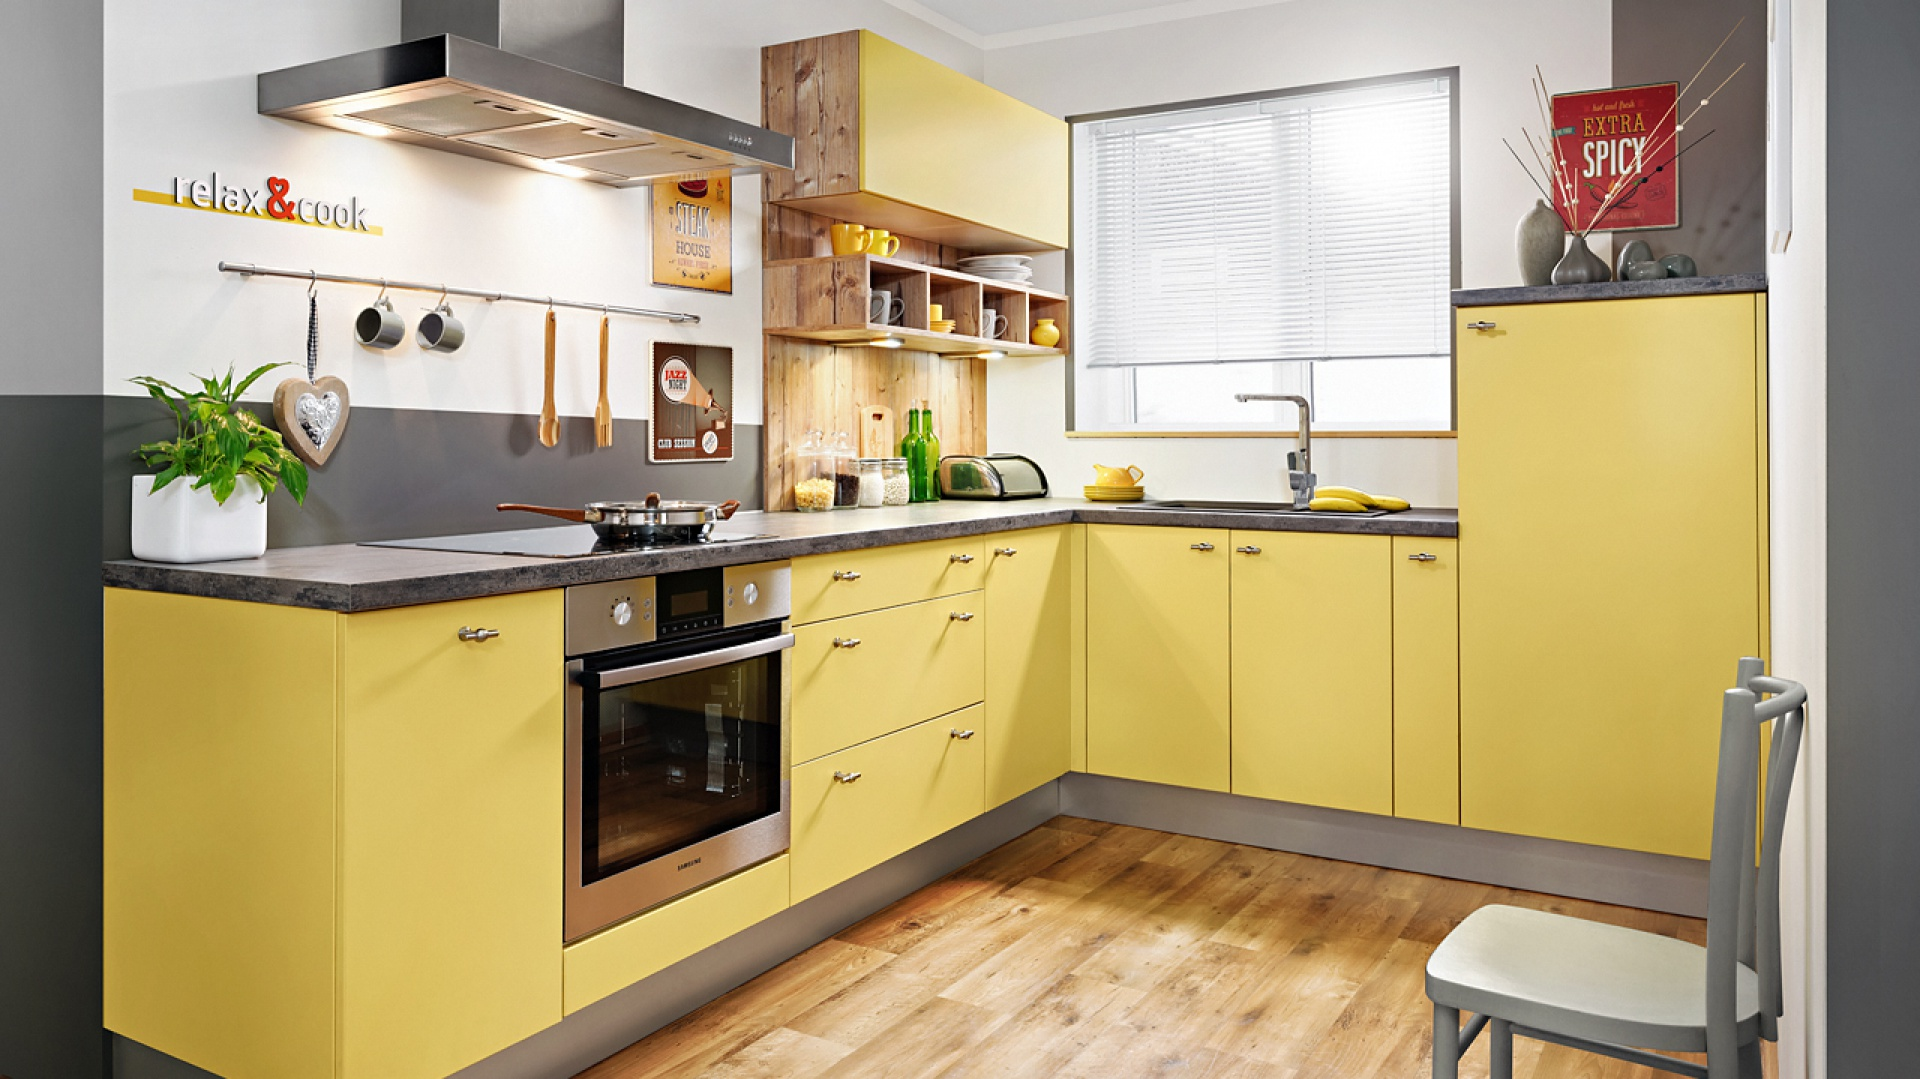 meble w kolorze szafranu to wiosna w kuchni postaw